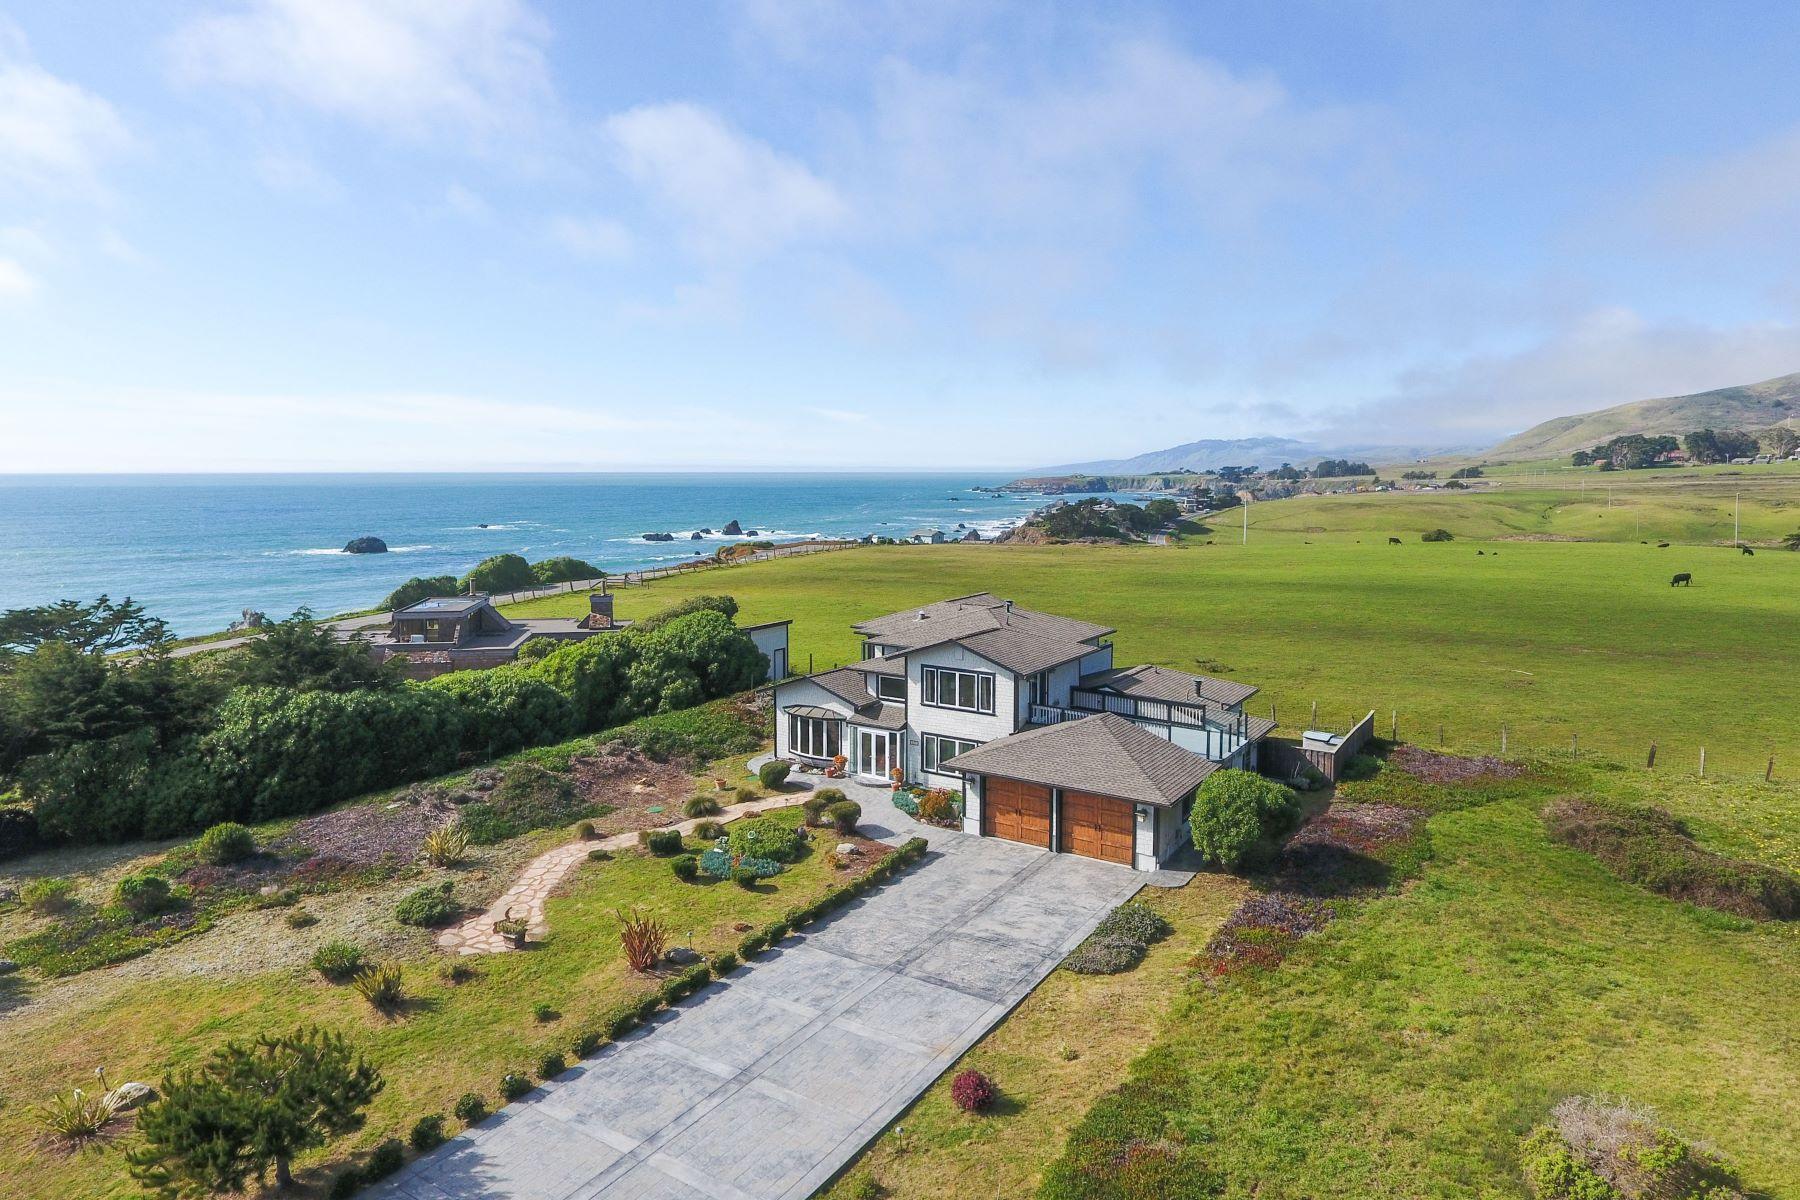 Einfamilienhaus für Verkauf beim Sonoma Coast Custom-Built Home with White Water Views 125 Calle Del Sol Bodega Bay, Kalifornien 94923 Vereinigte Staaten